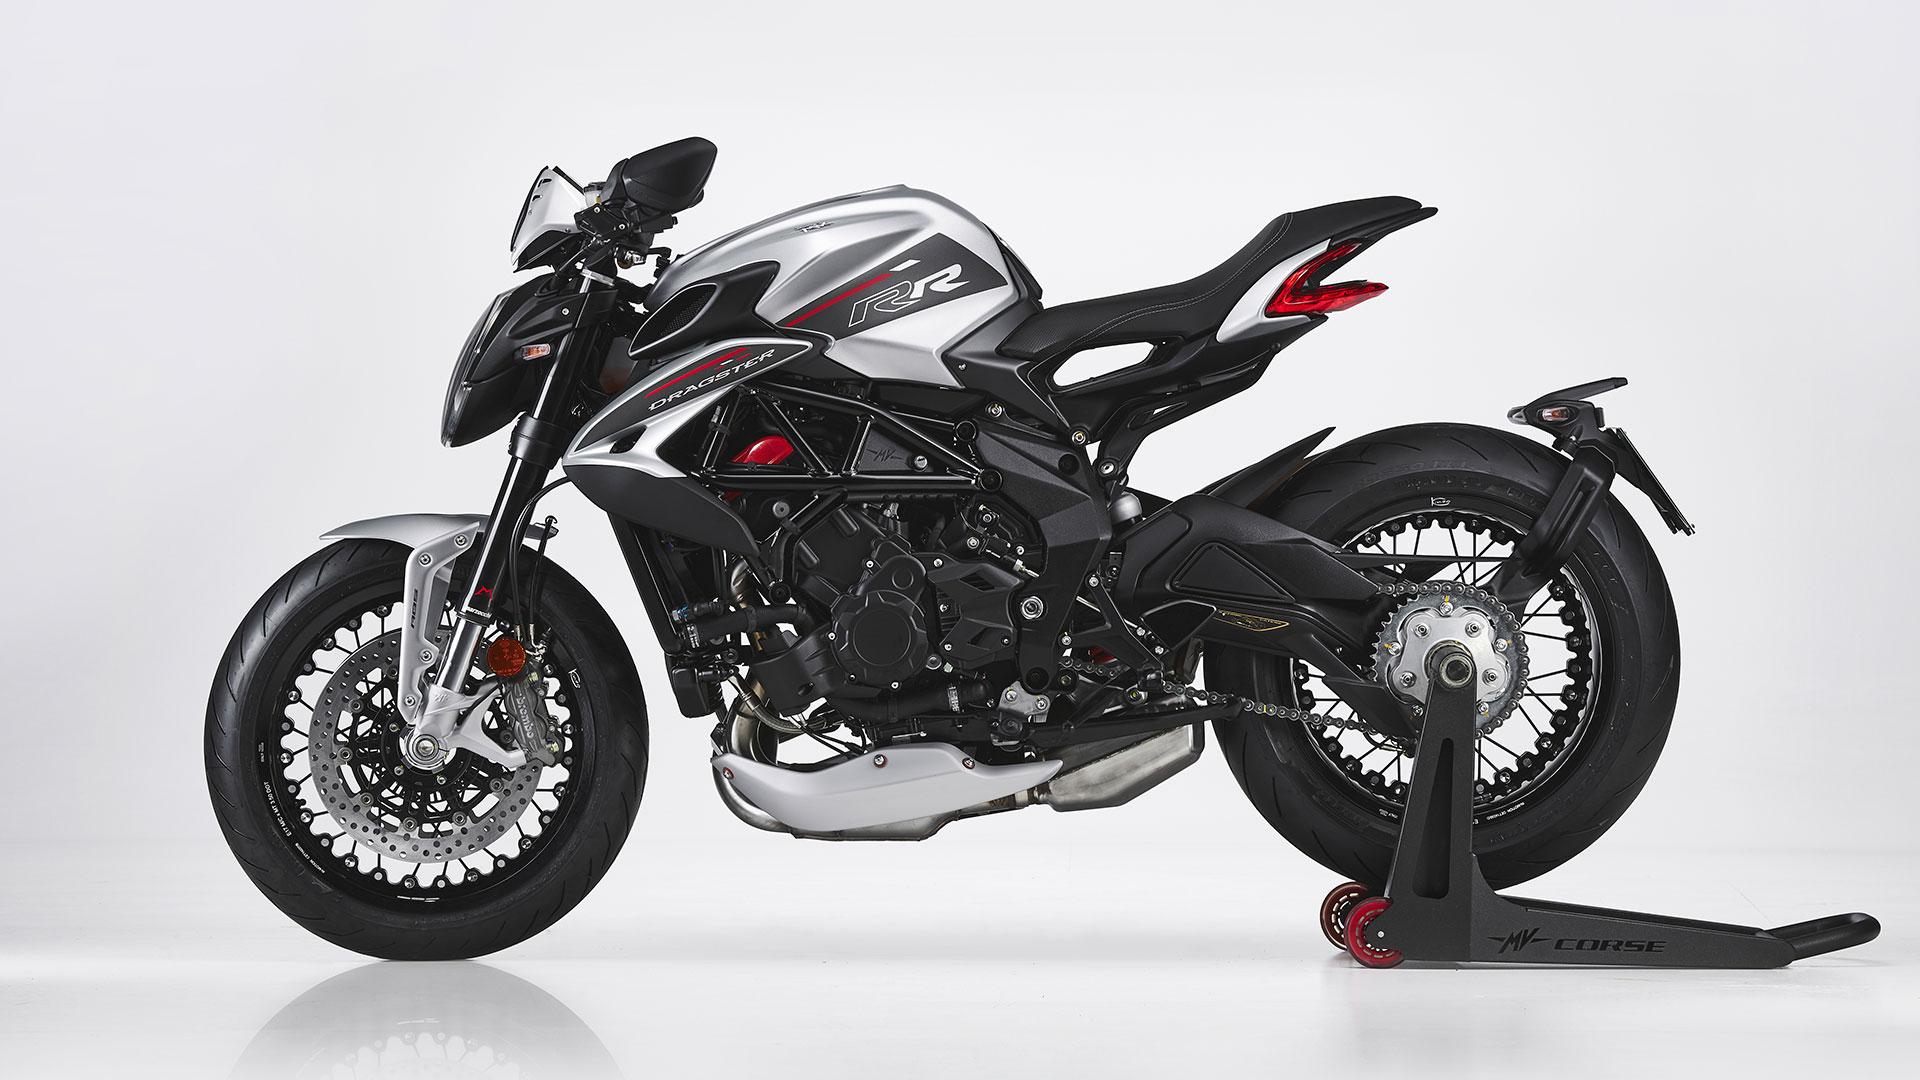 mv-agusta-dragster-800-rr-2021